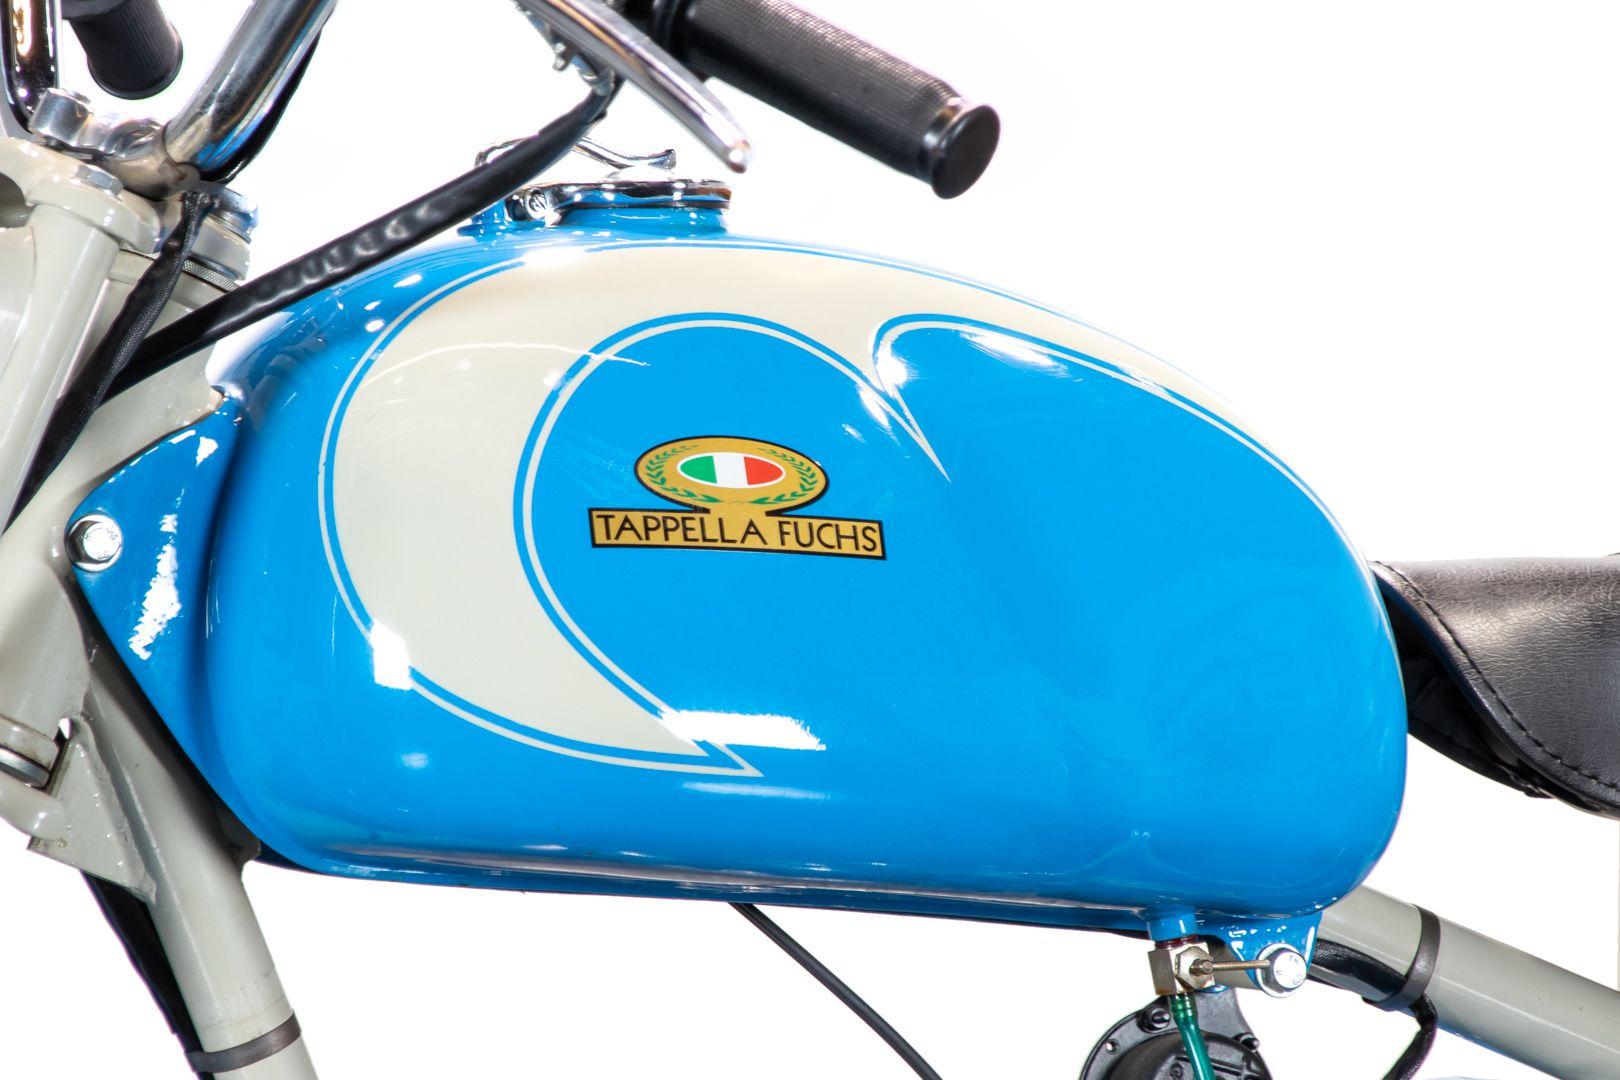 1965 Fuchs Tappella Tre Ruote 59469